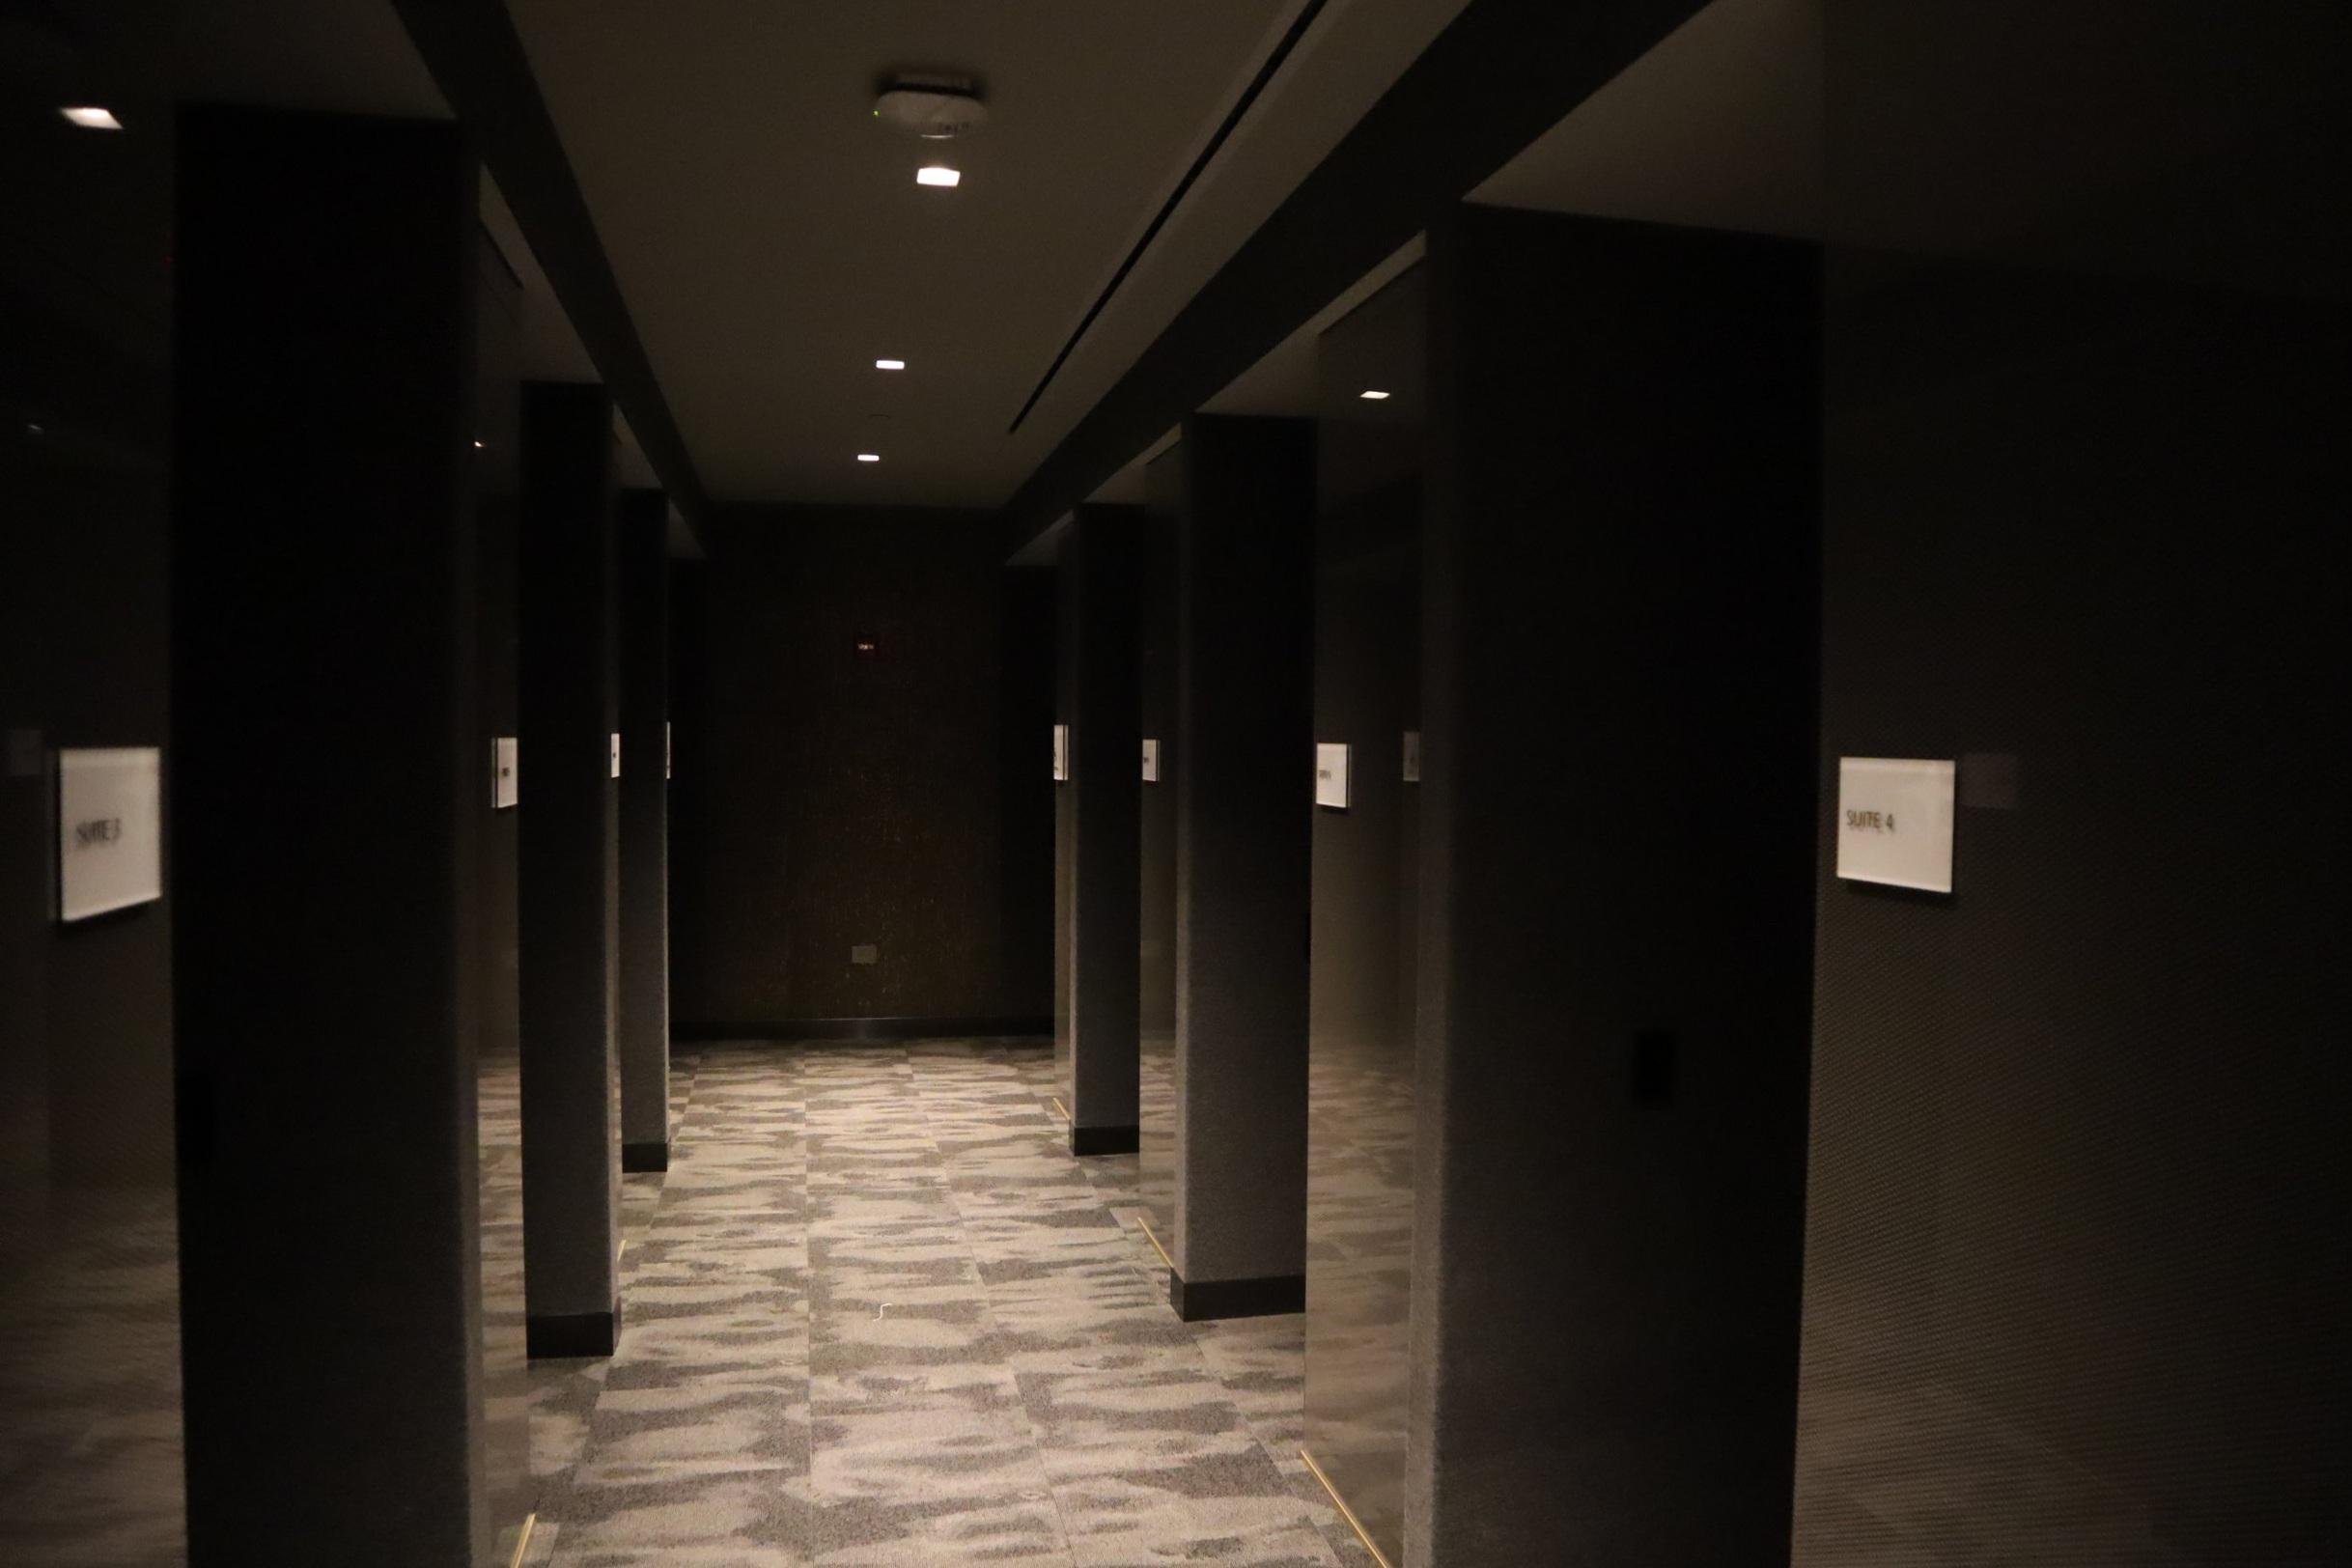 United Polaris Lounge Newark – Quiet suites